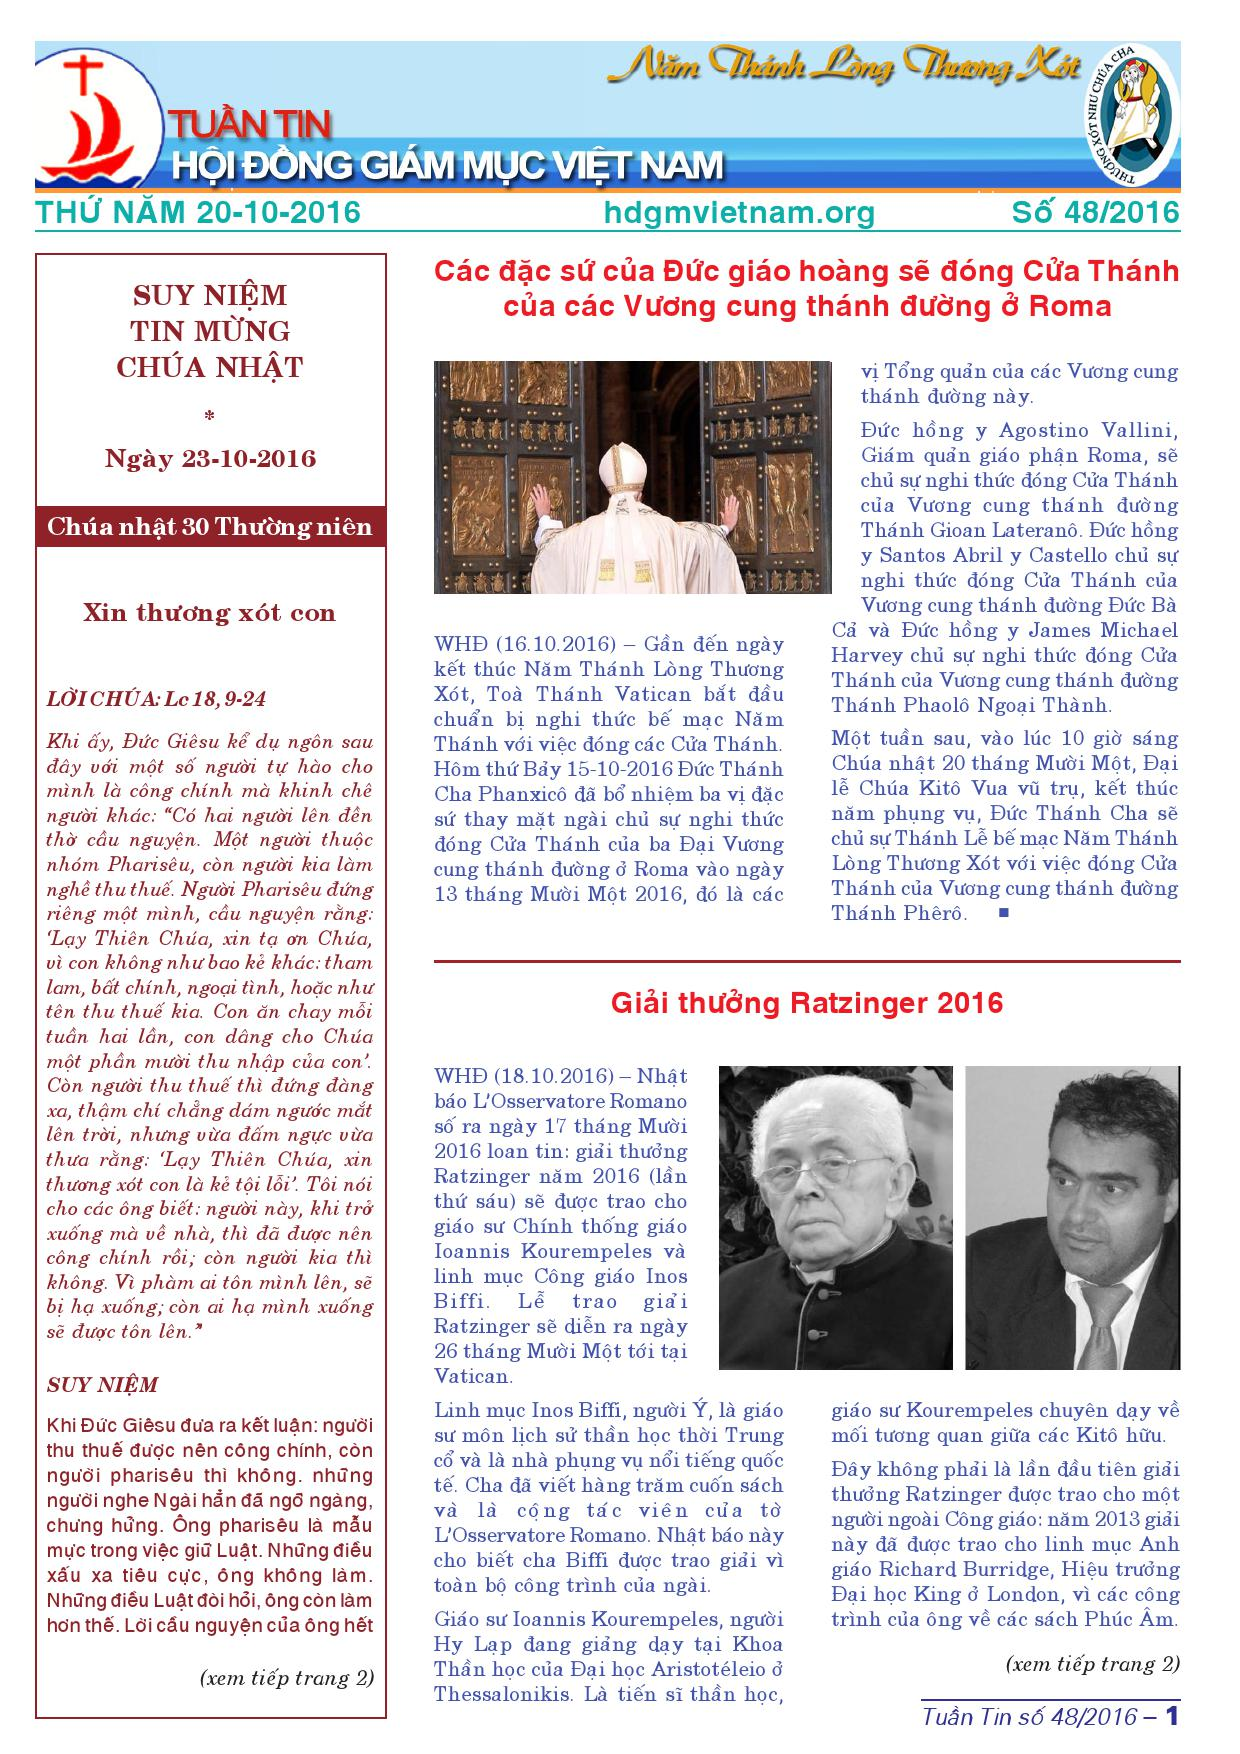 Tuần tin Hội đồng Giám mục Việt Nam số 48/2016